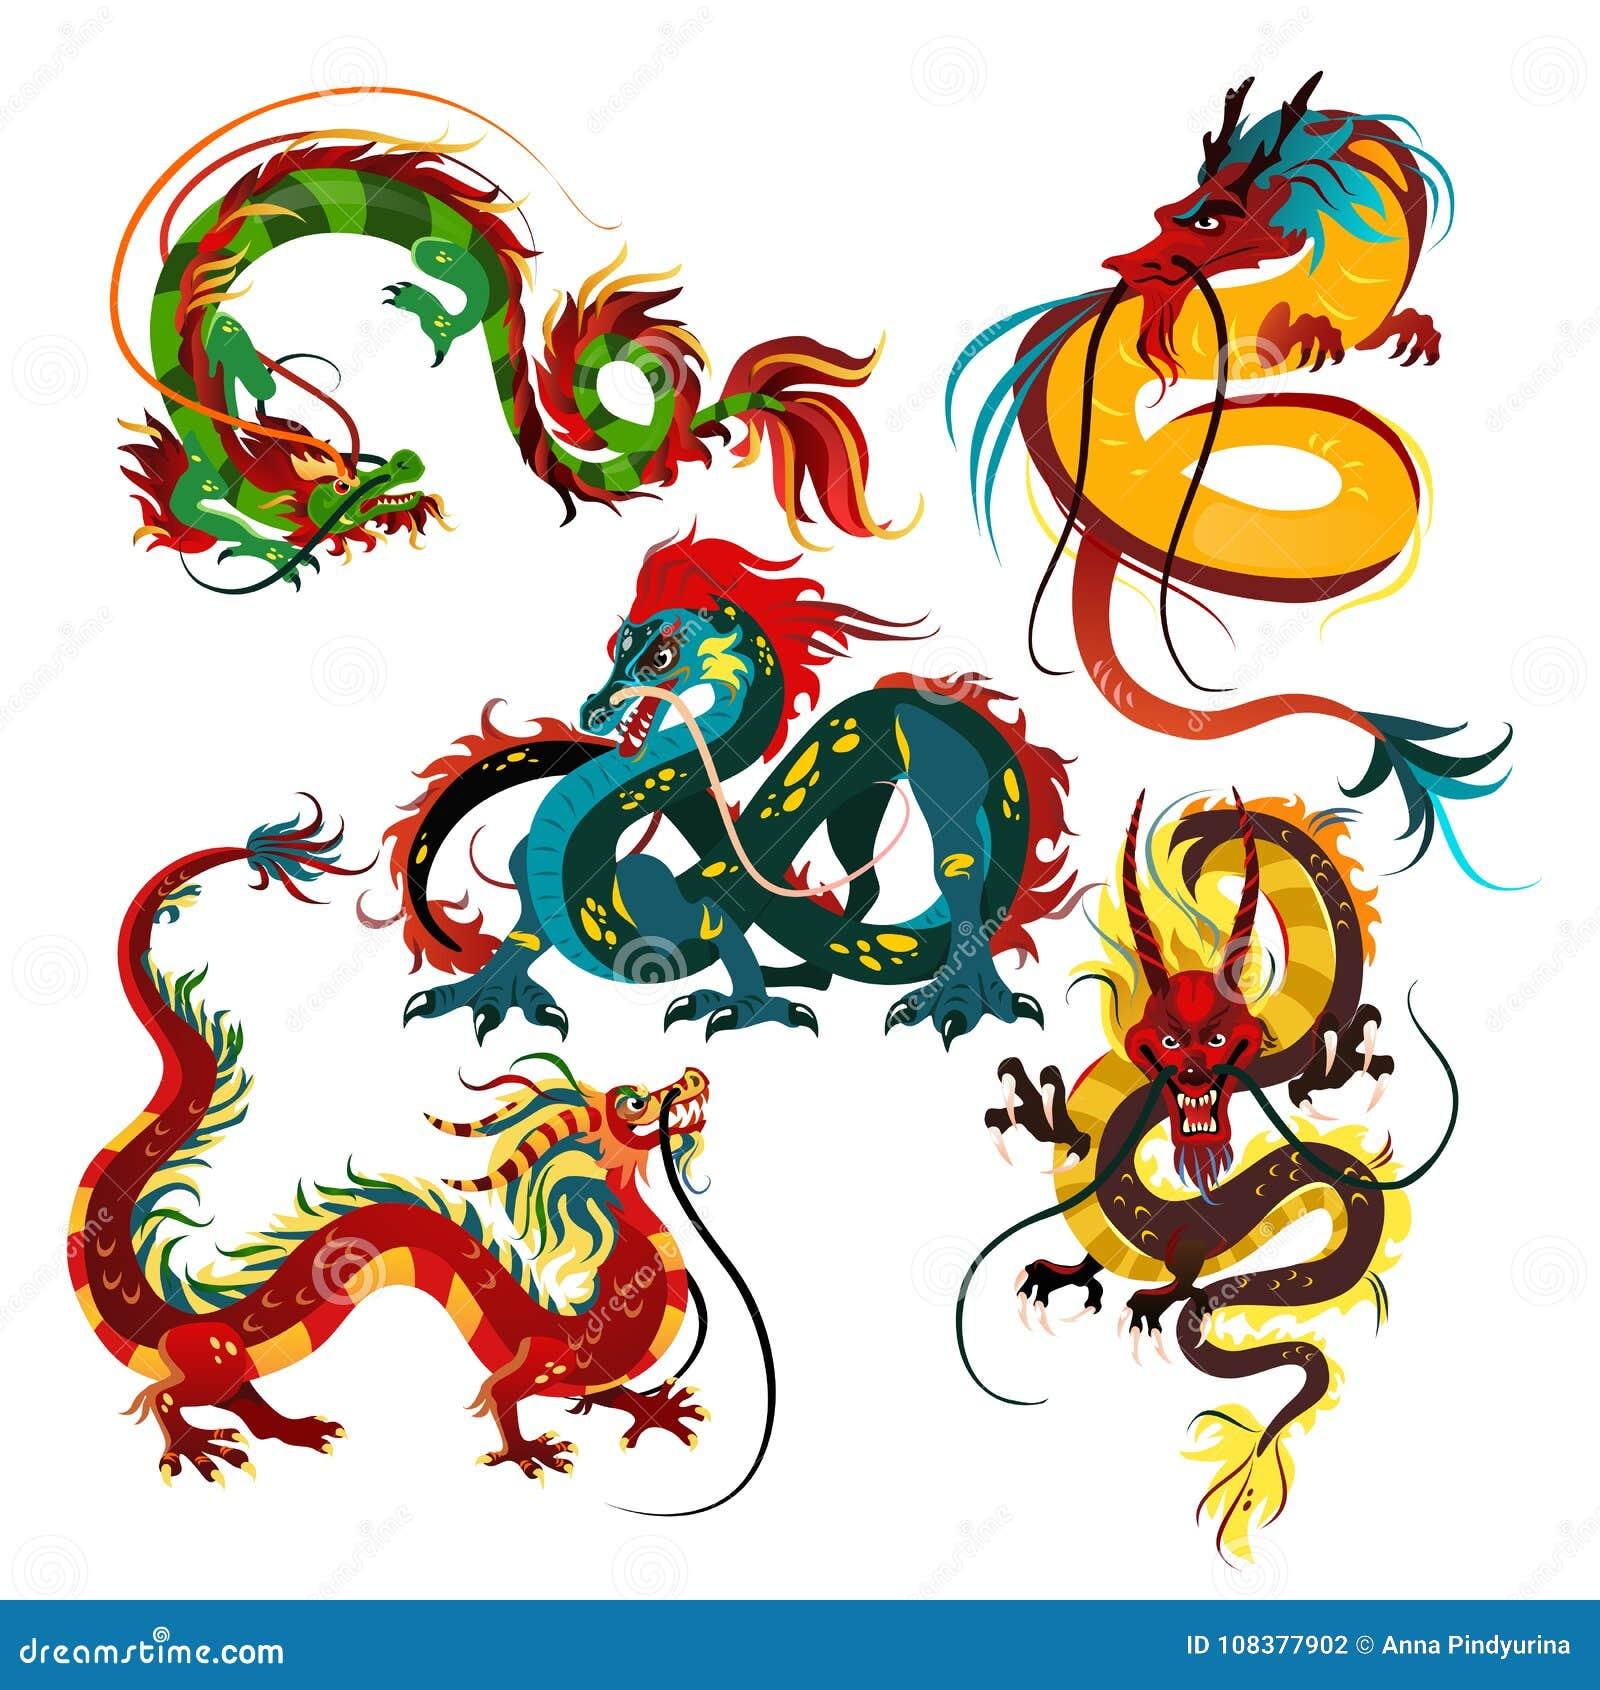 Drago del cinese tradizionale, simbolo antico dell asiatico o cultura della porcellana, decorazione per la celebrazione del nuovo